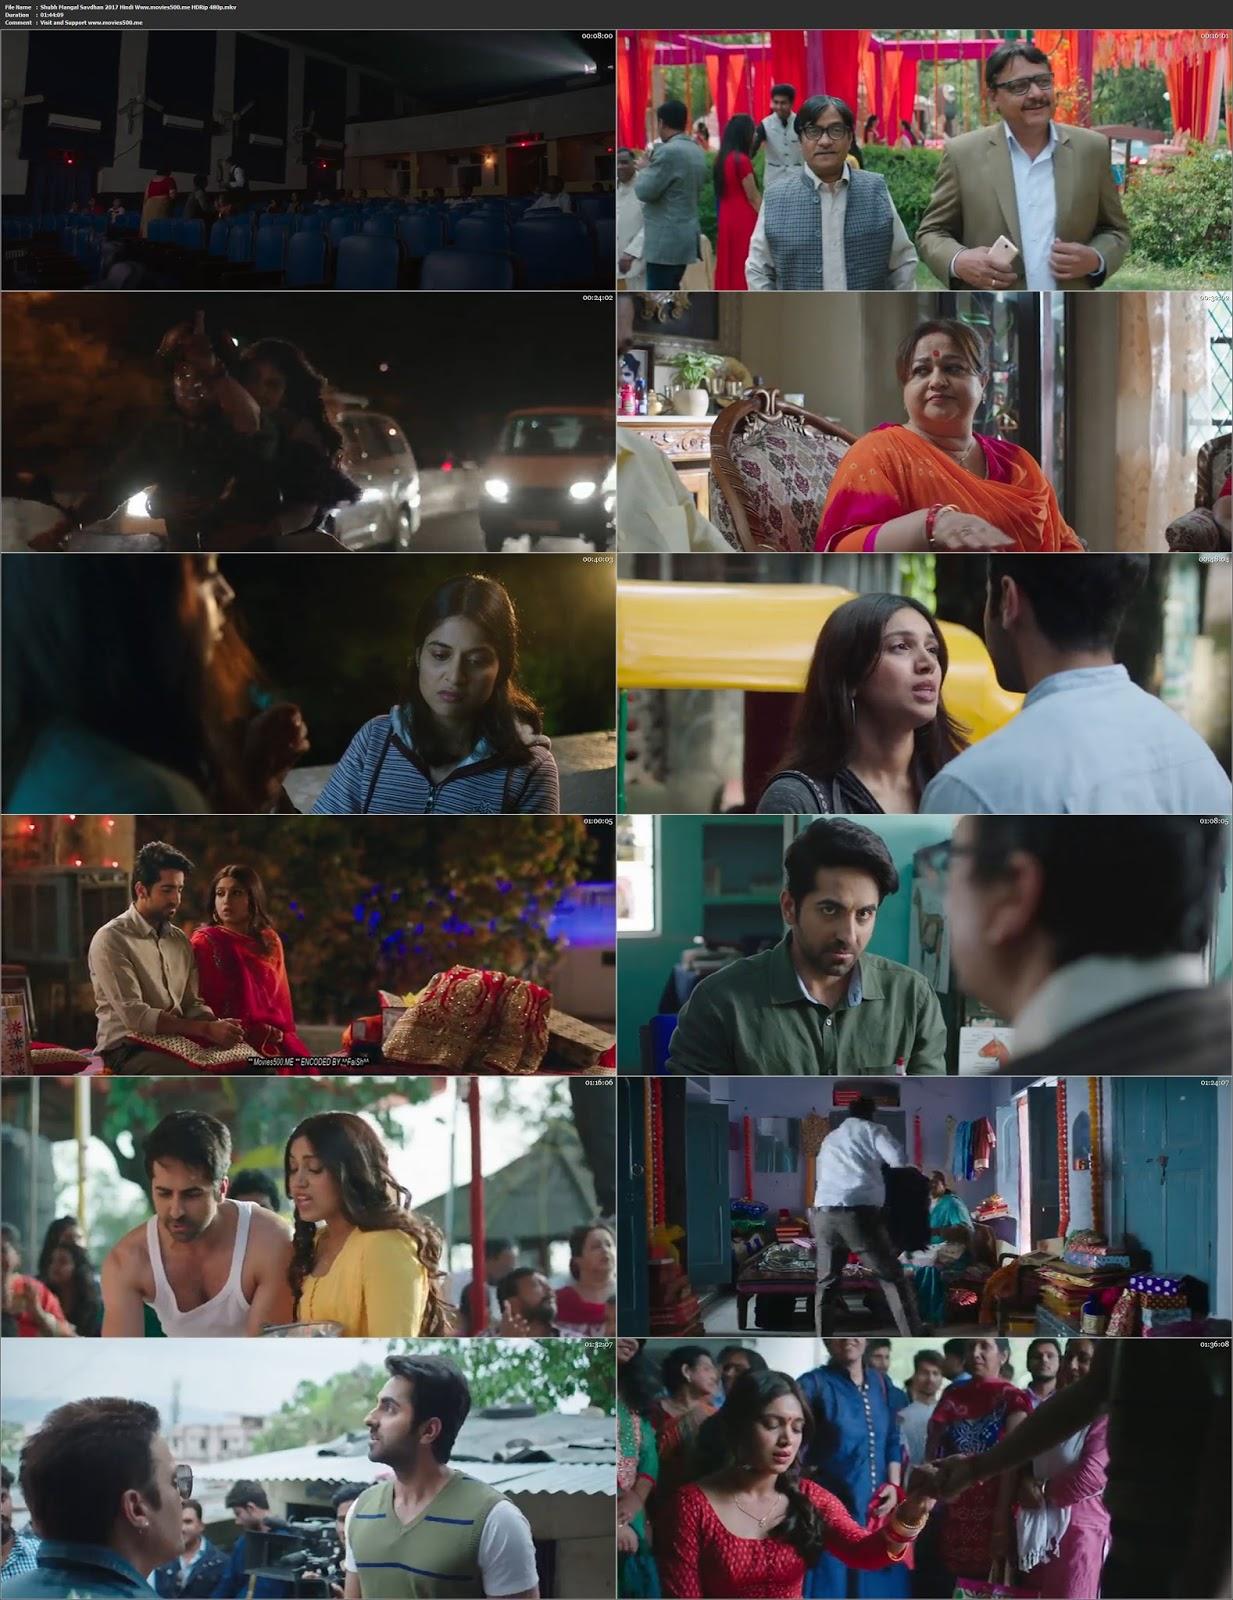 Shubh Mangal Saavdhan 2017 Bollywood 300MB HDRip 720p at sweac.org